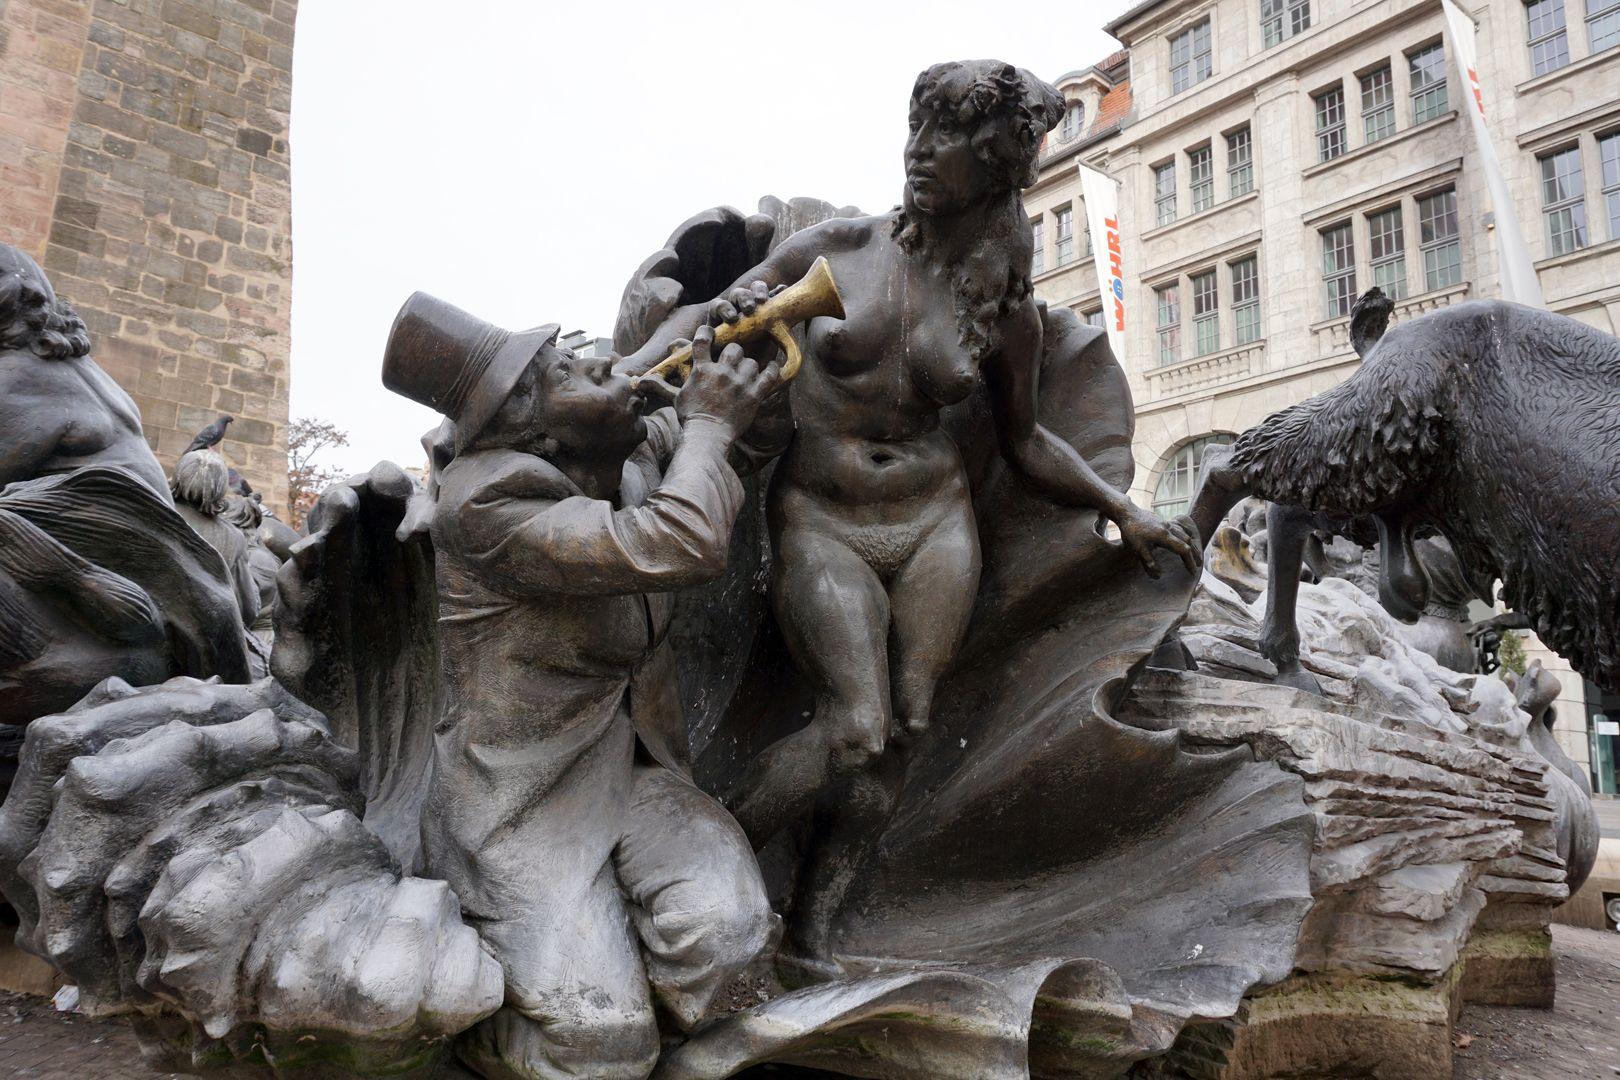 """Ehekarussell / Hans-Sachs-Brunnen """"Venusmuschel"""" / """"Er besingt die nackte Schönheit mit seinem Instrument, die Muschel wird zur Jahrmarktbude"""" (J.W.)"""